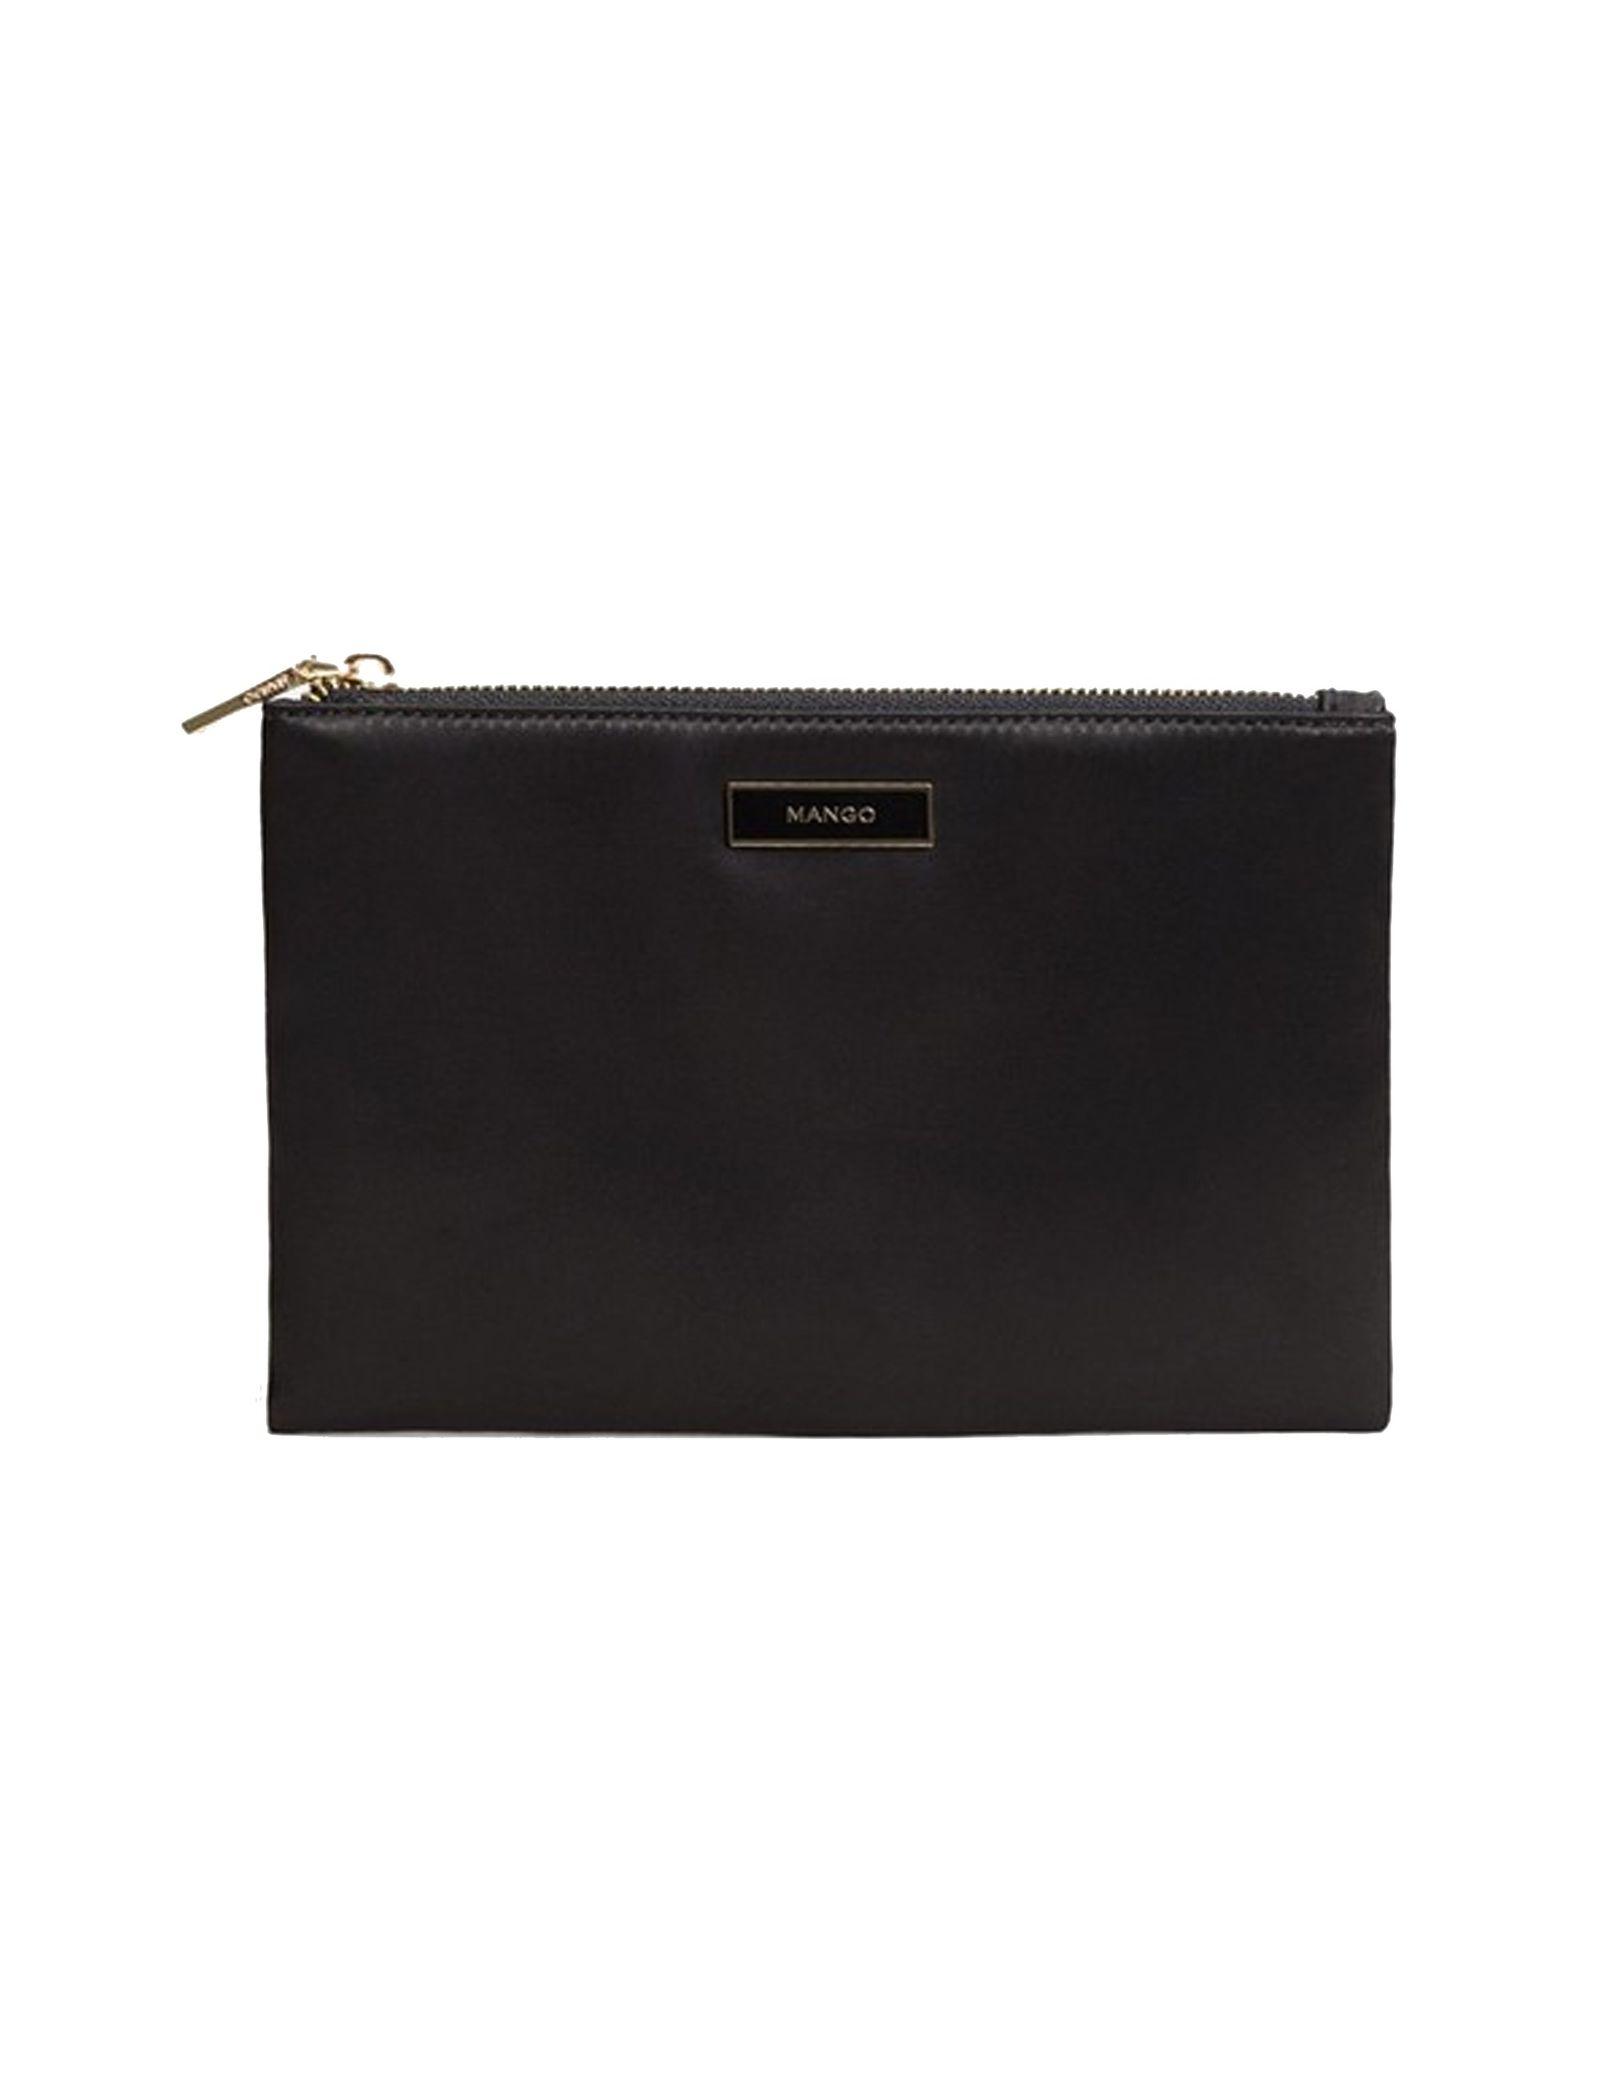 کیف لوازم آرایش زنانه - مانگو - مشکي - 1